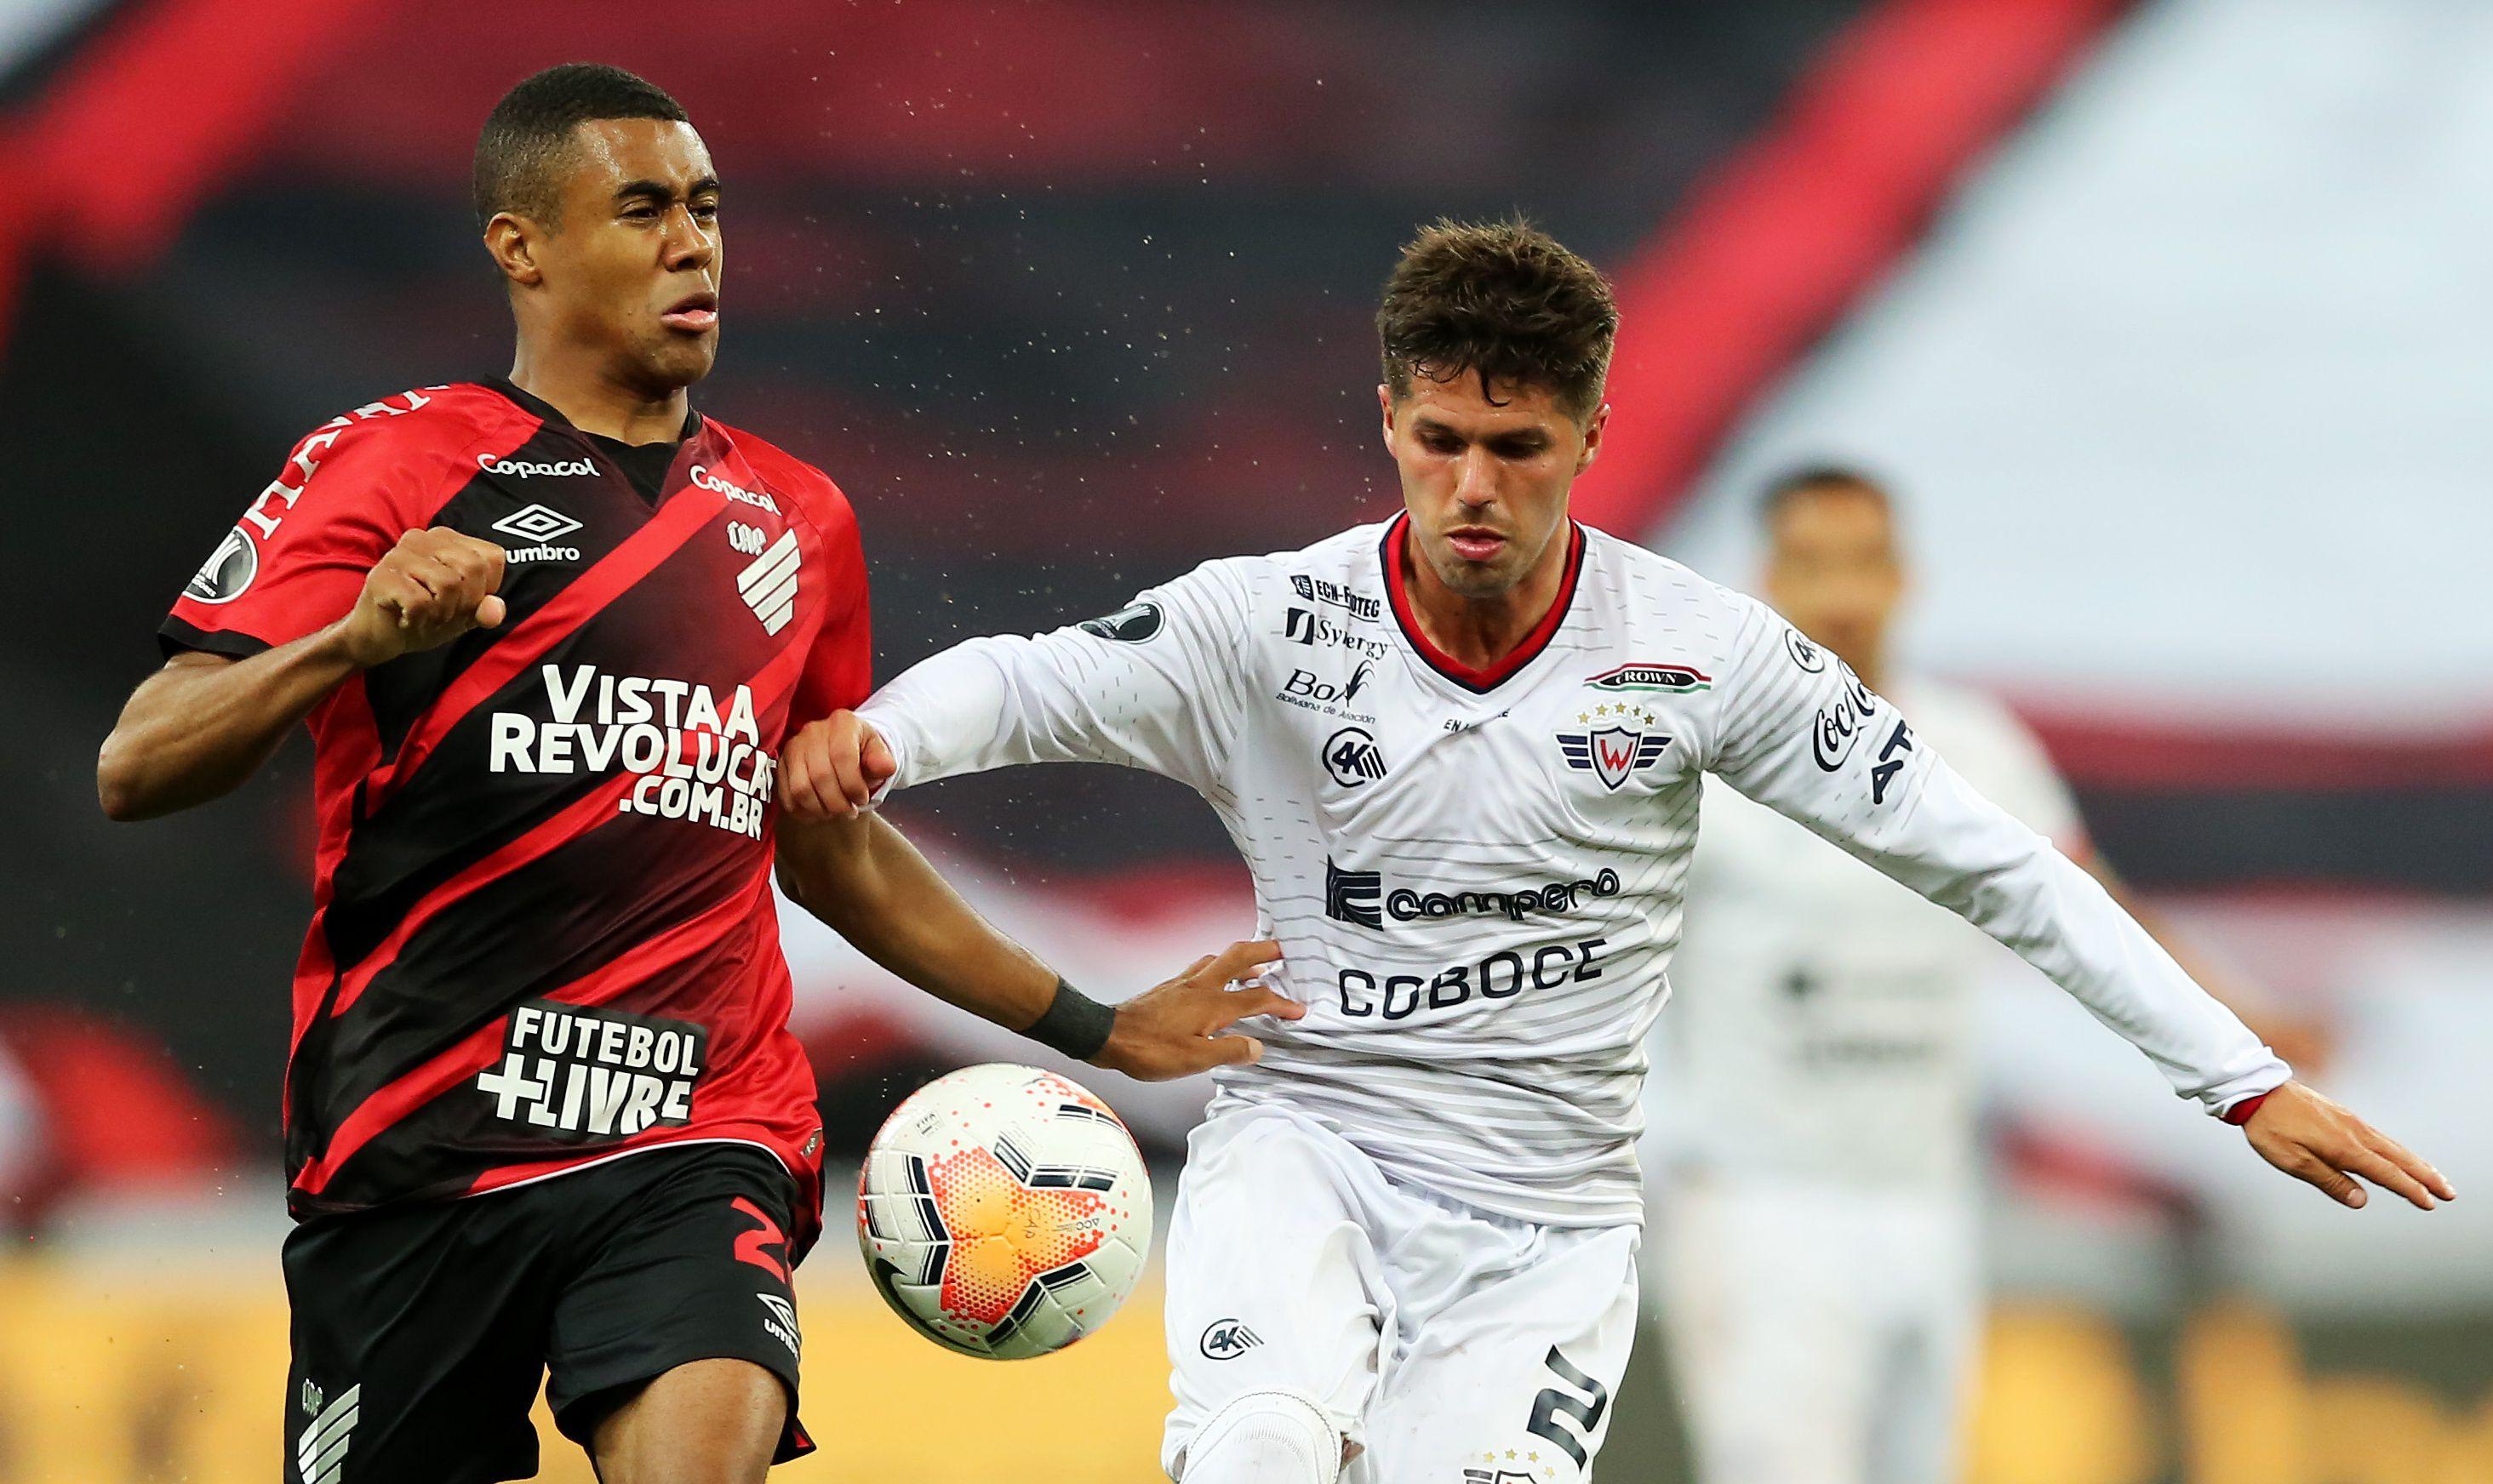 Se quedó con el récord de máximo driblador de la fase de grupos en la Libertadores (Foto: Reuters)